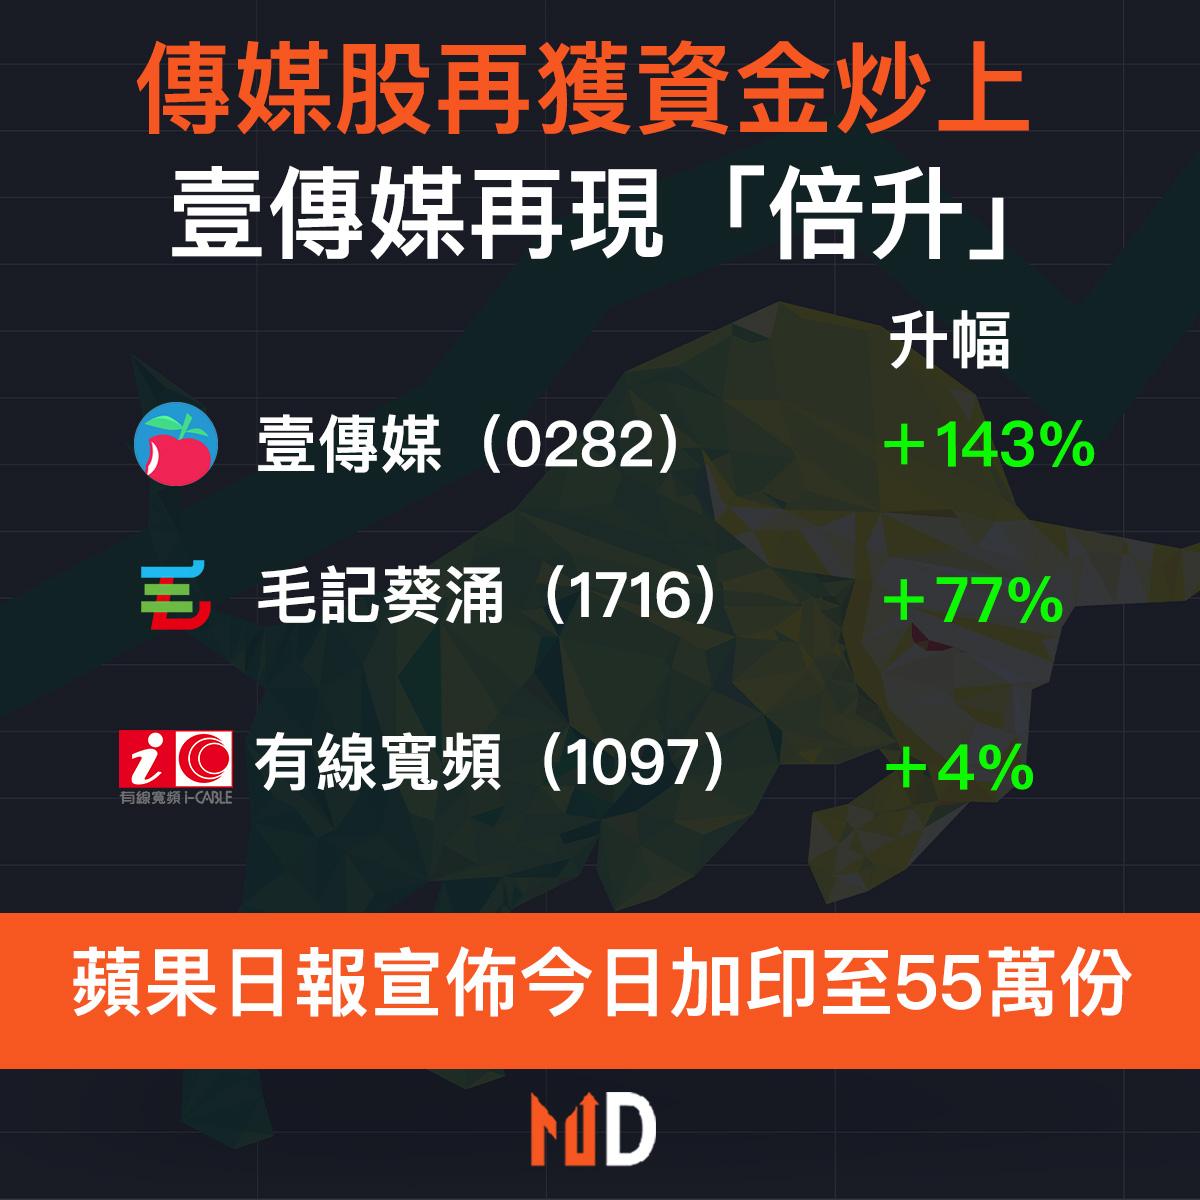 【市場熱話】傳媒股再獲資金炒上,壹傳媒再現「倍升」